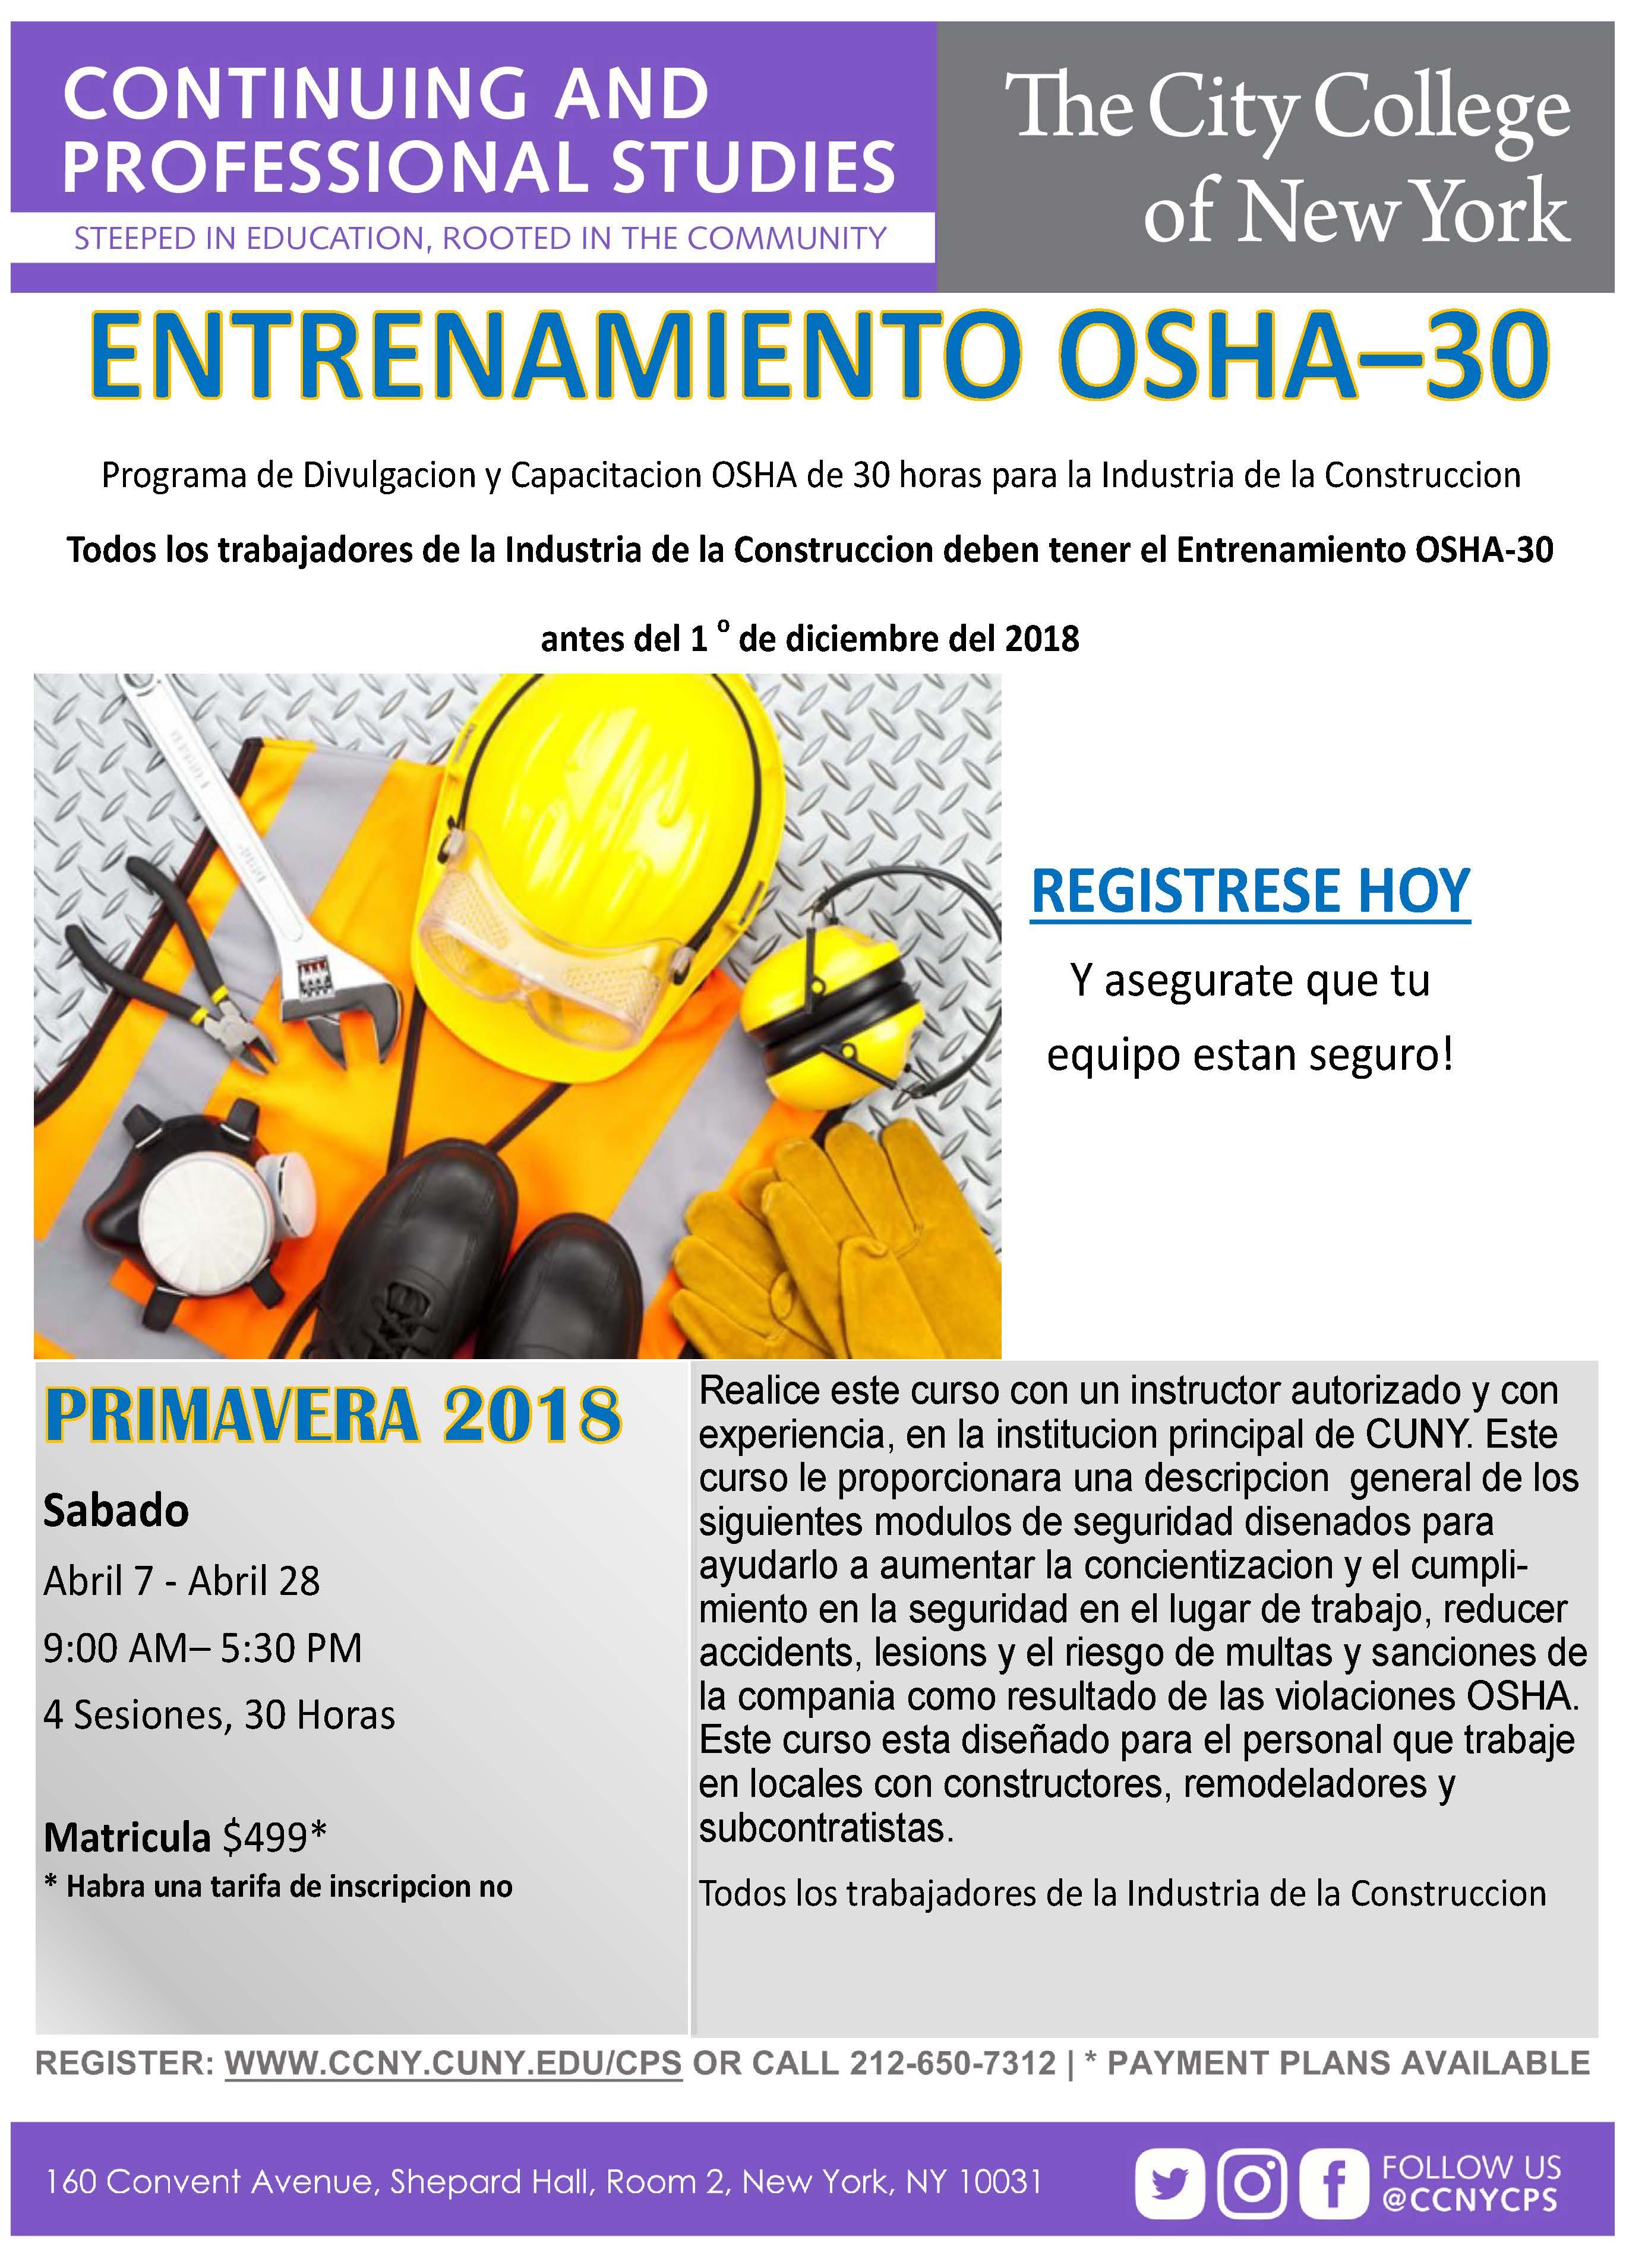 Osha 30 english and spanish the city college of new york osha 30 spanish flyer aprilg 1betcityfo Images